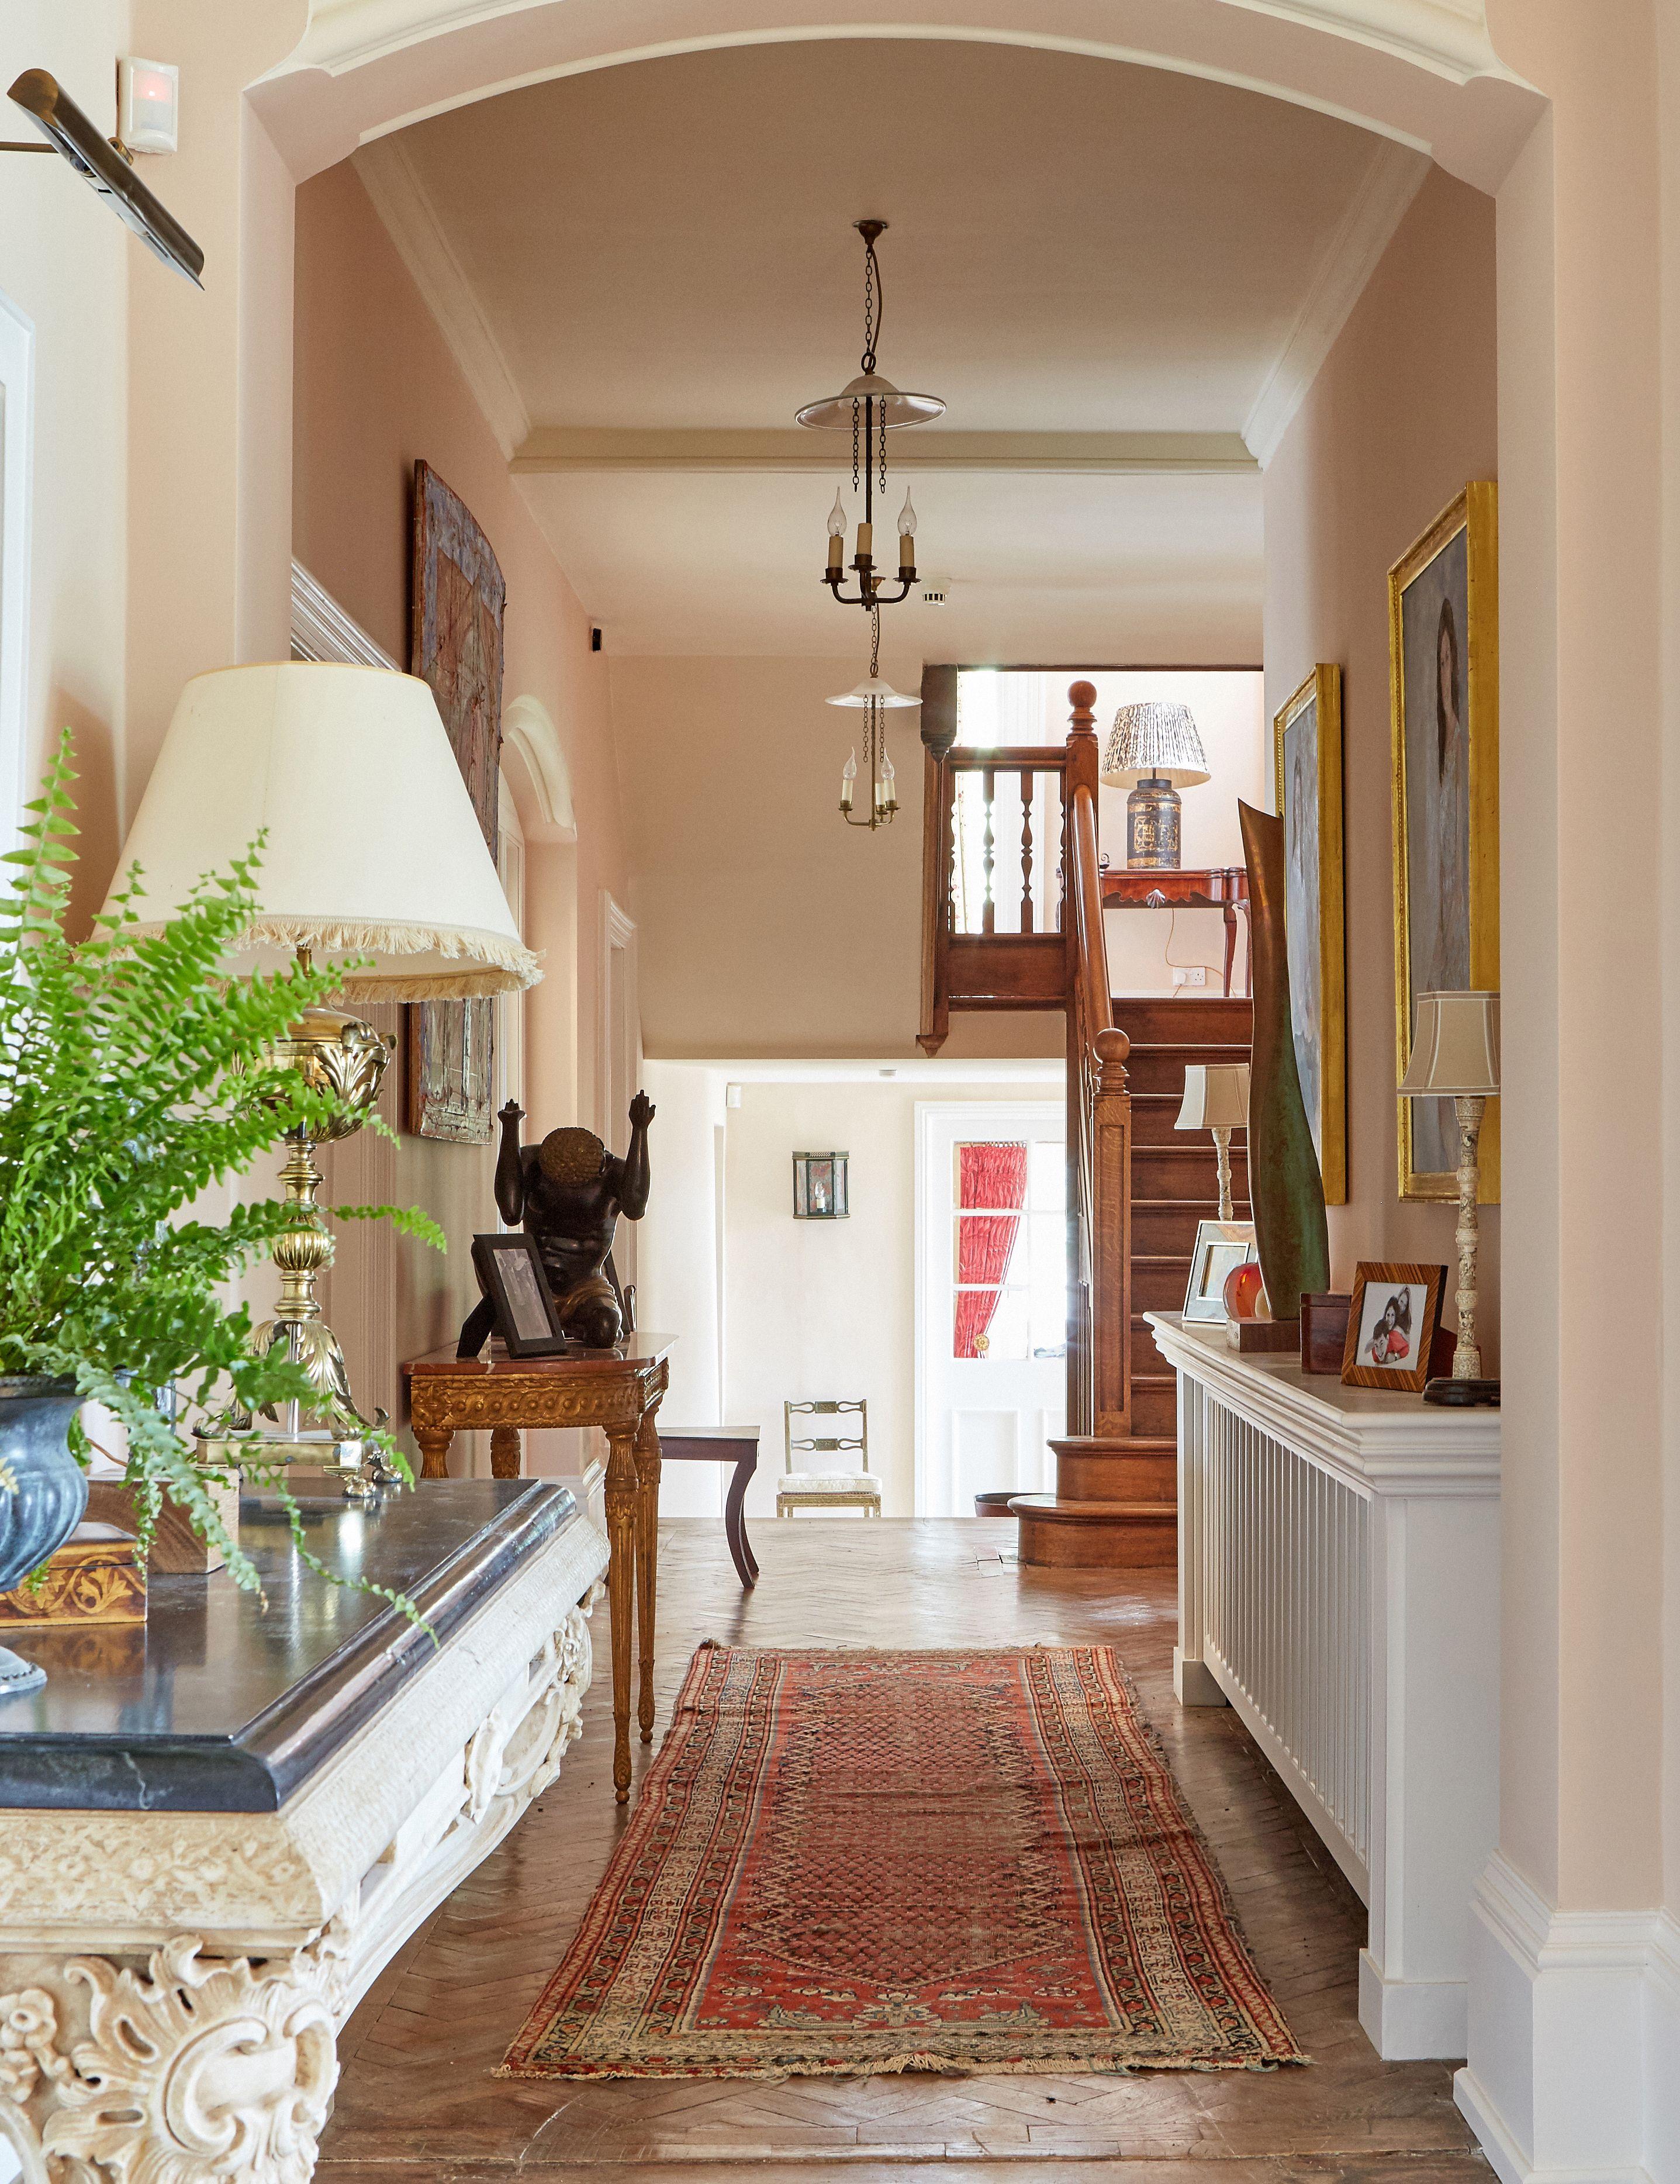 Edward Bulmer - House & Garden, The List | home/office decor ideas ...